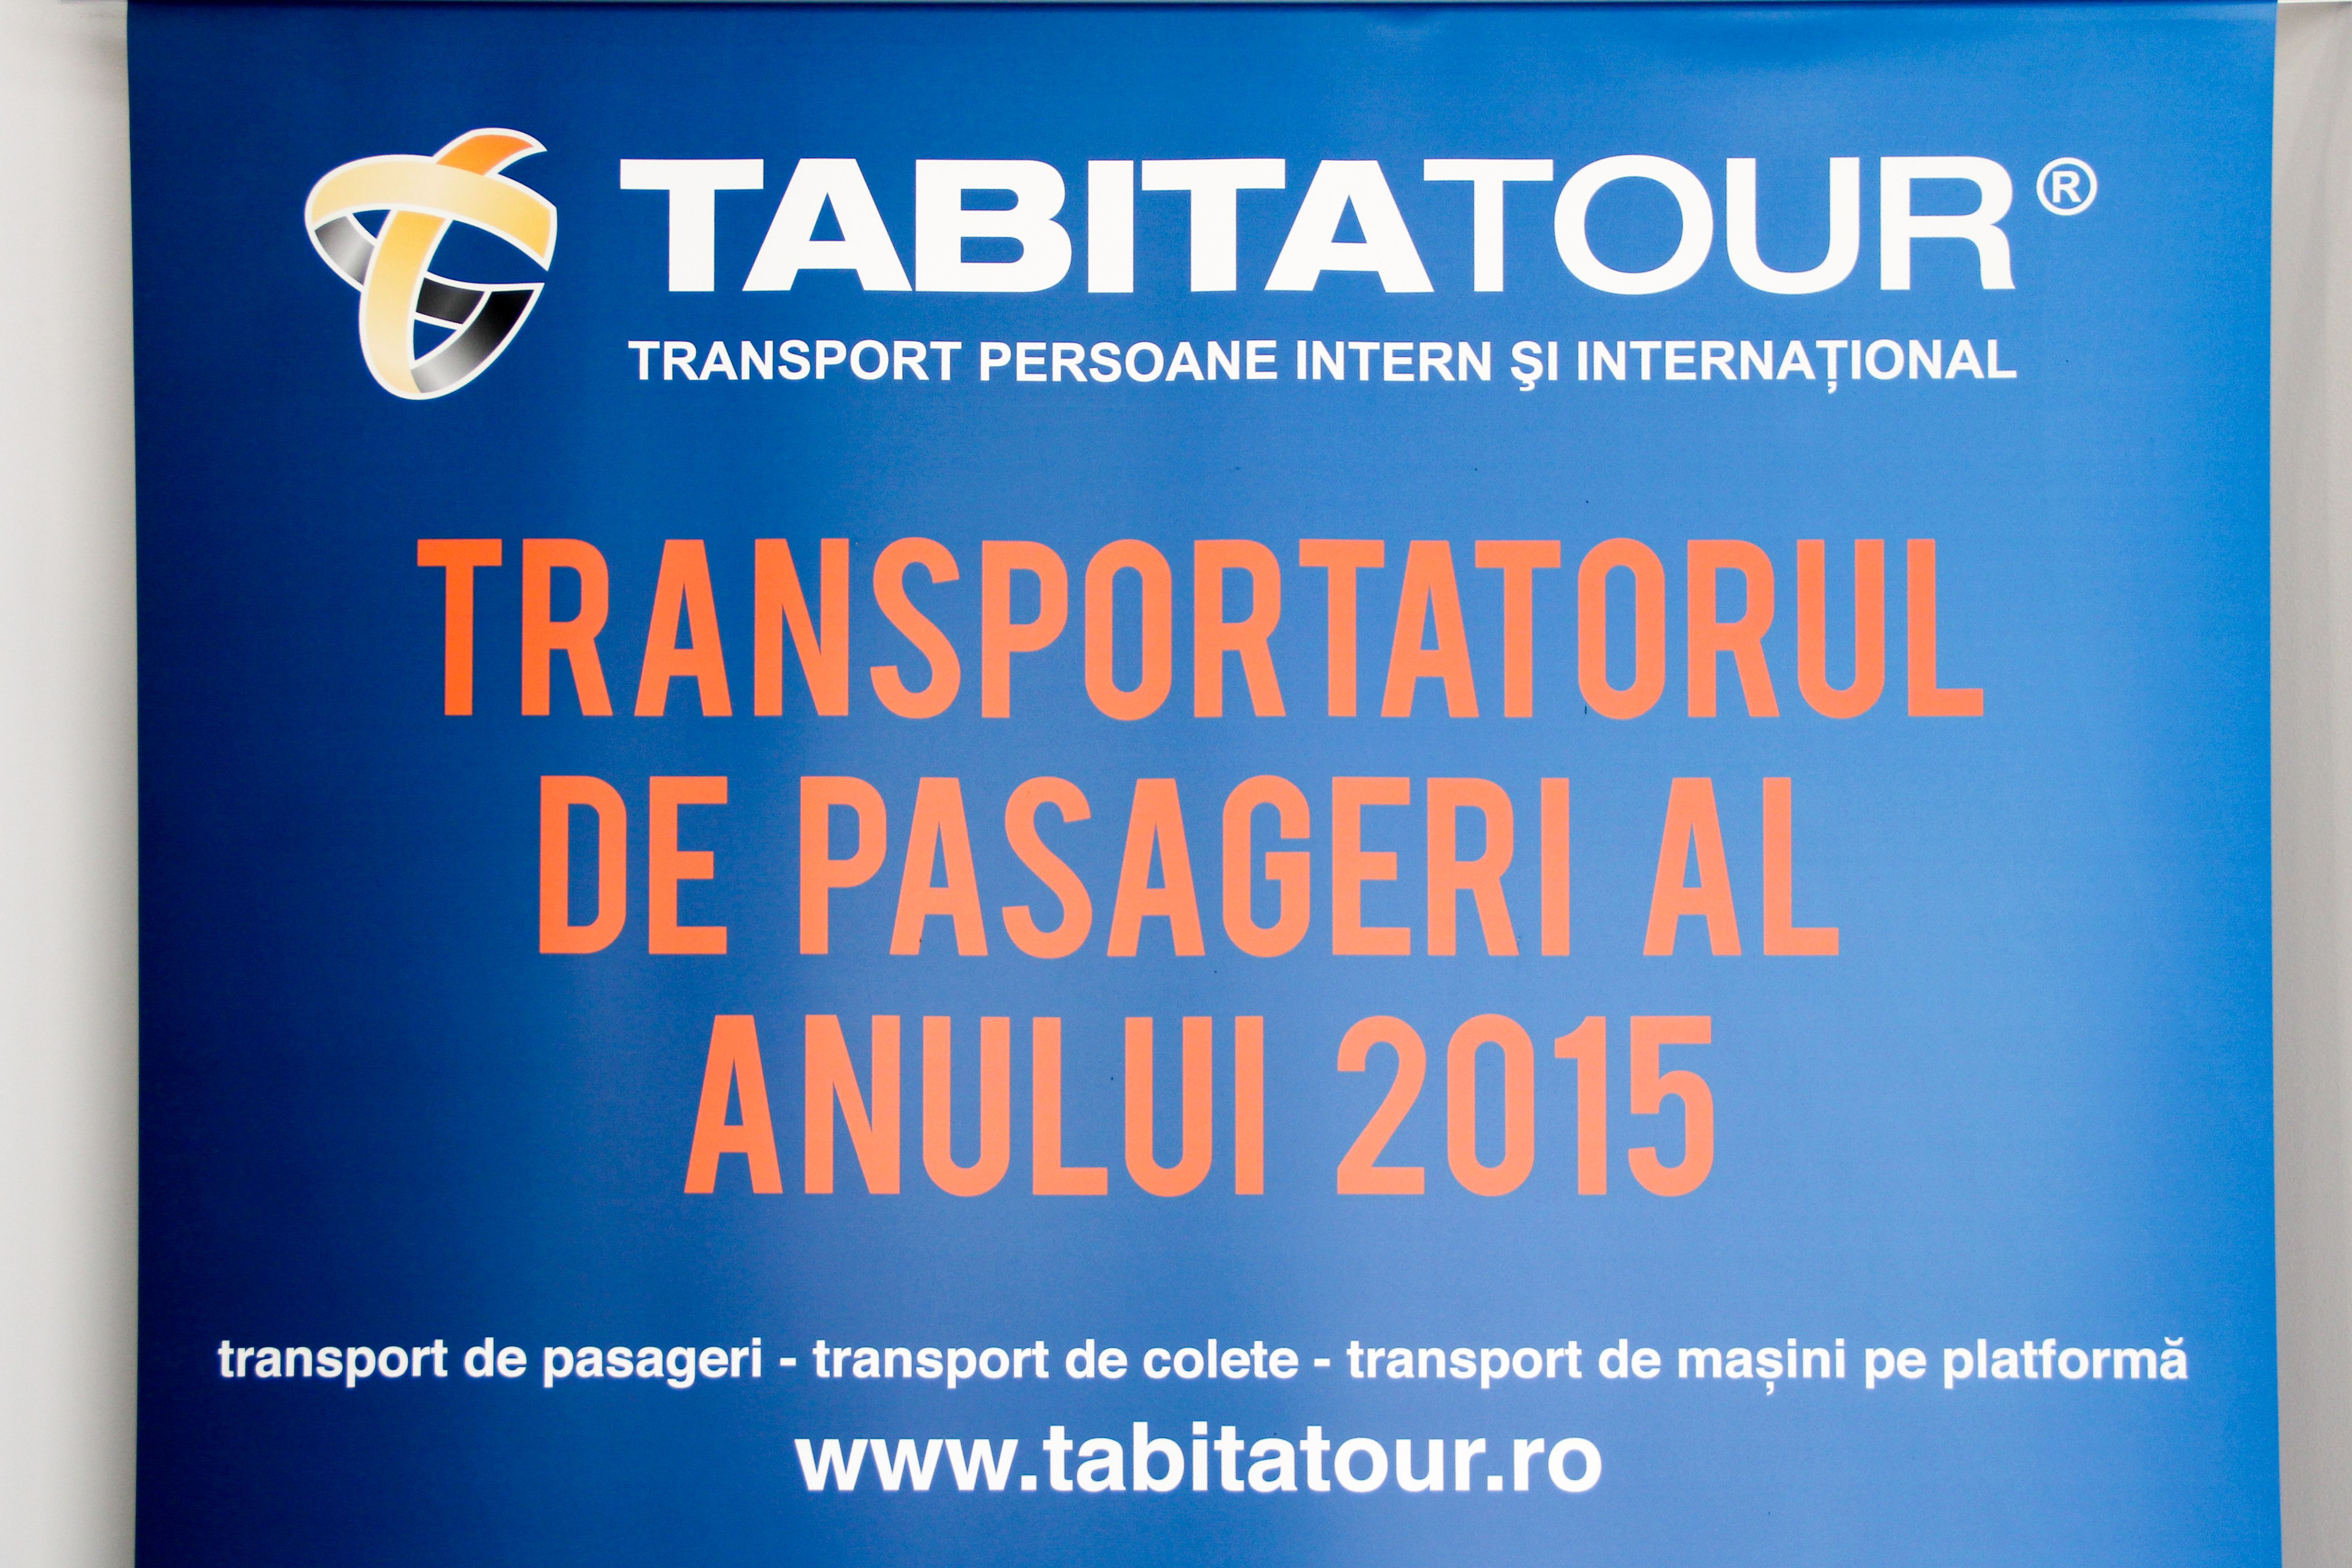 Empresa de transporte a Rumanía